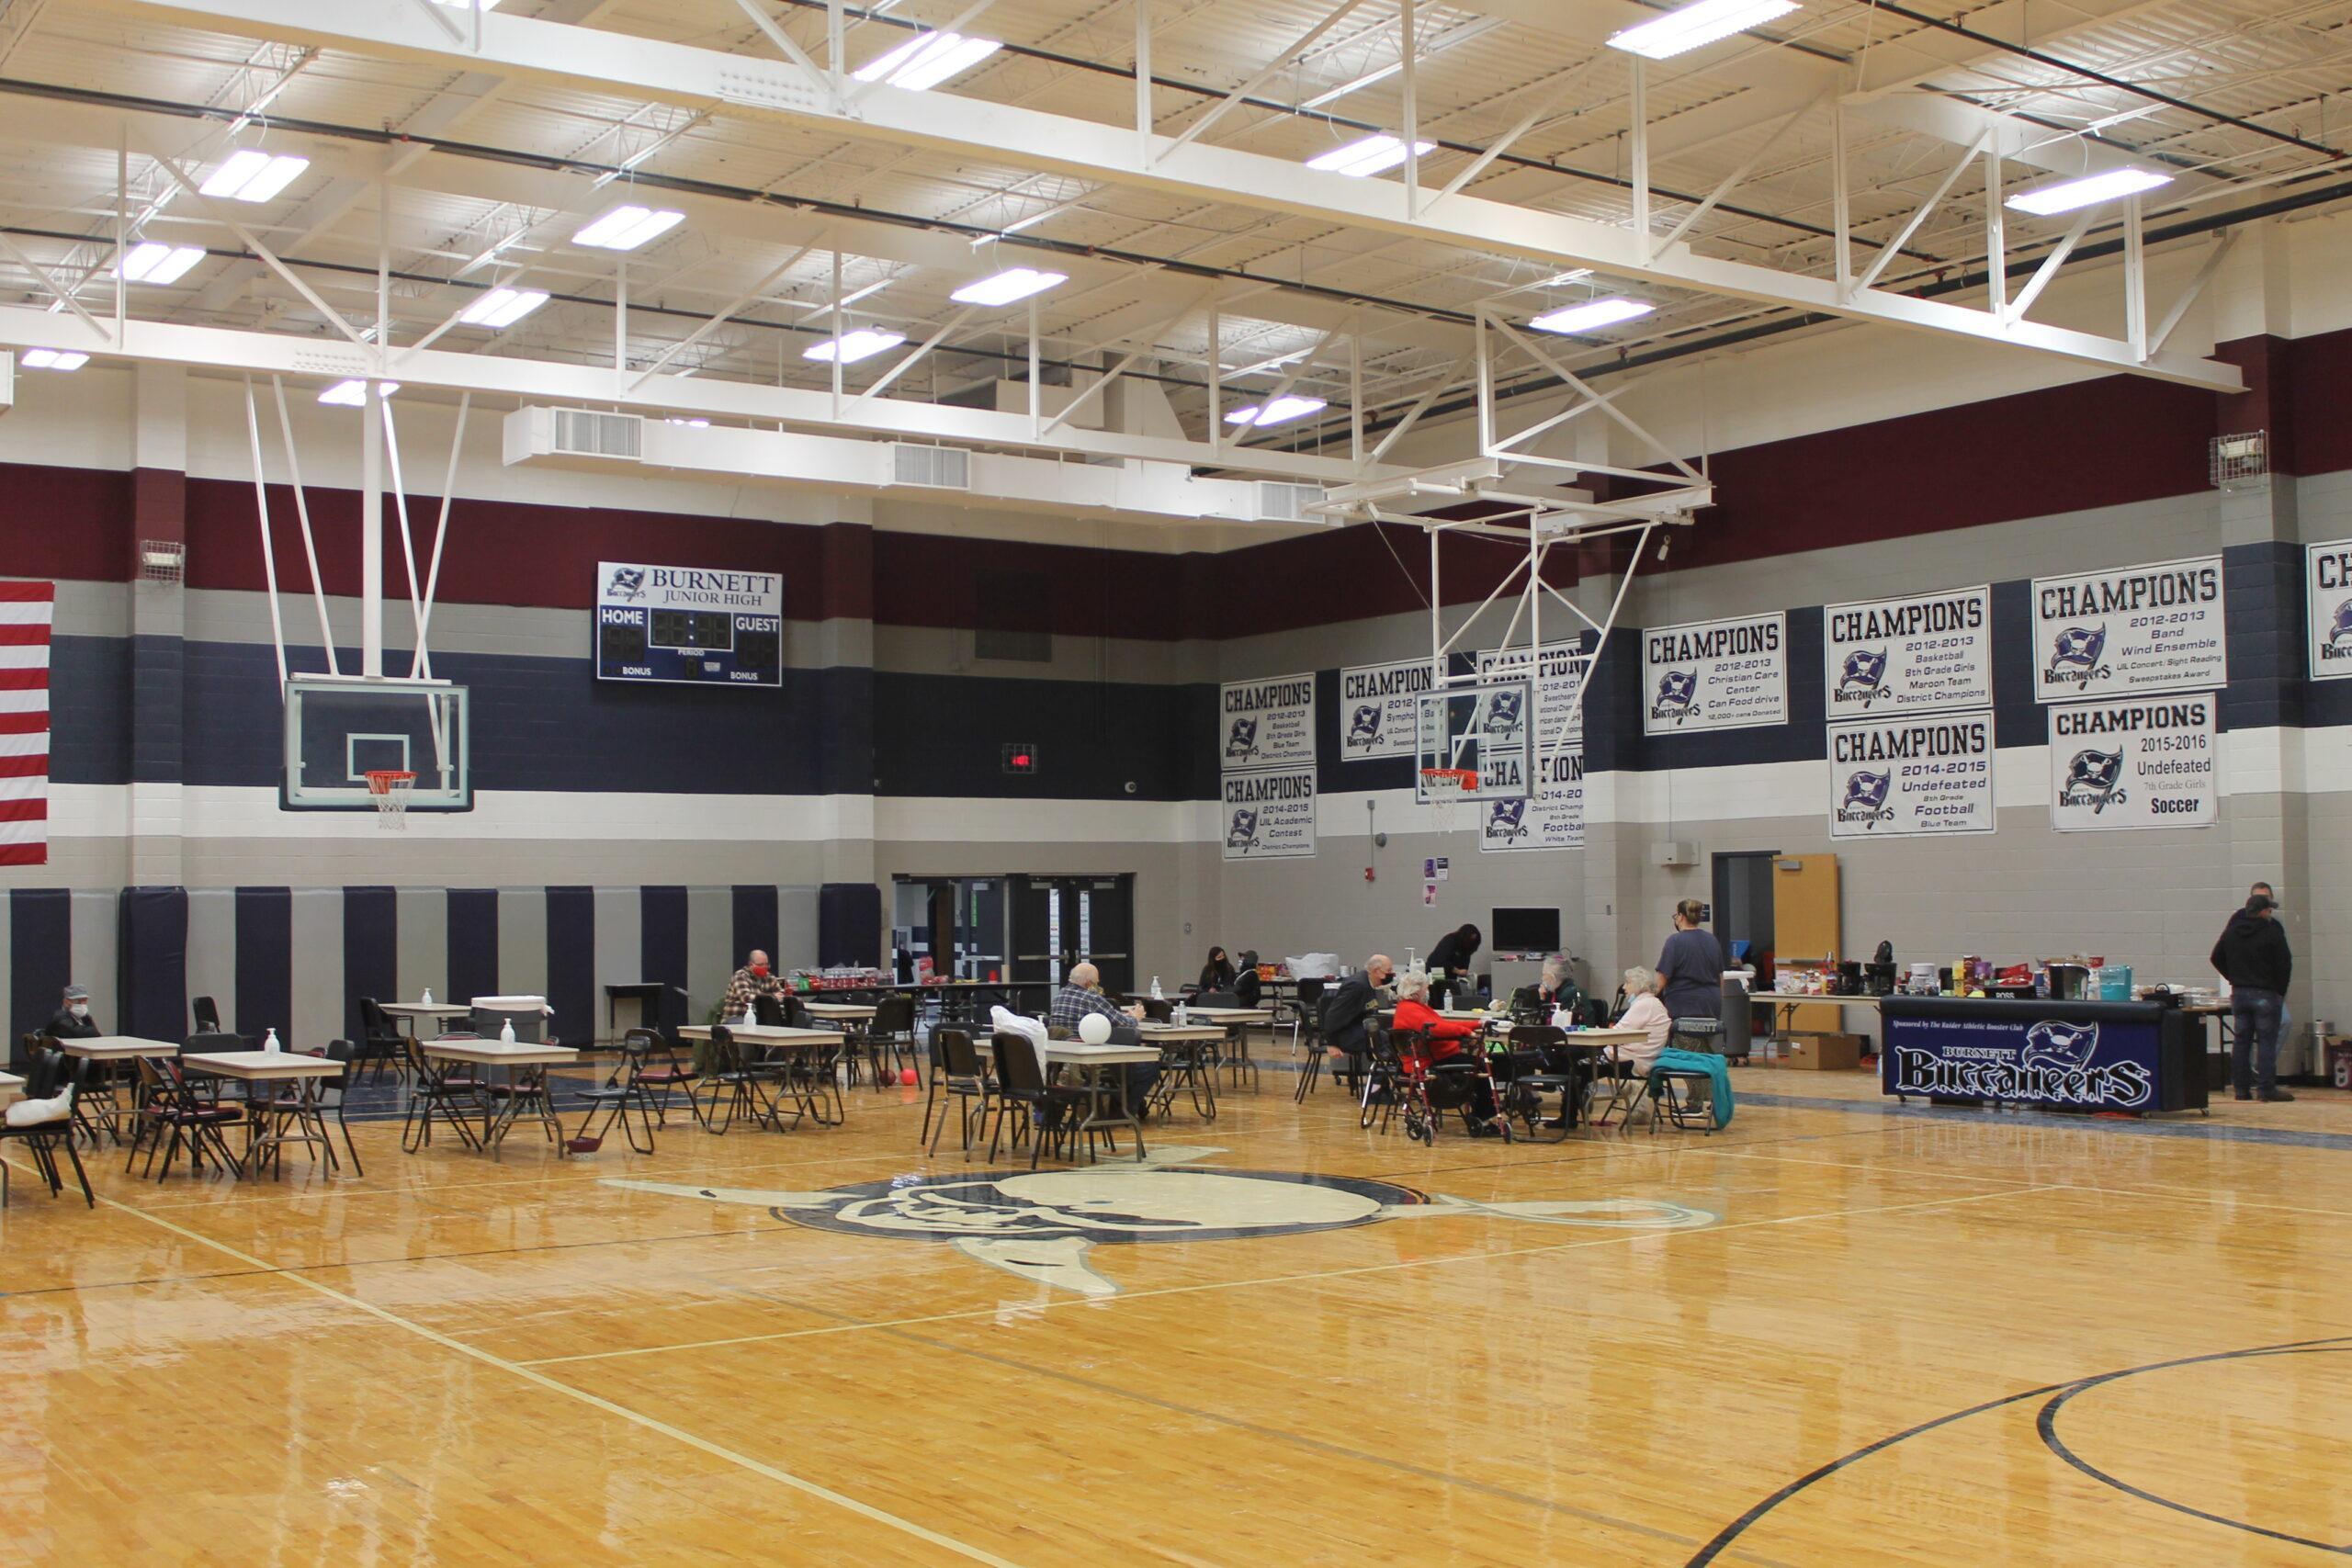 Burnett serves as shelter for local residents during storm